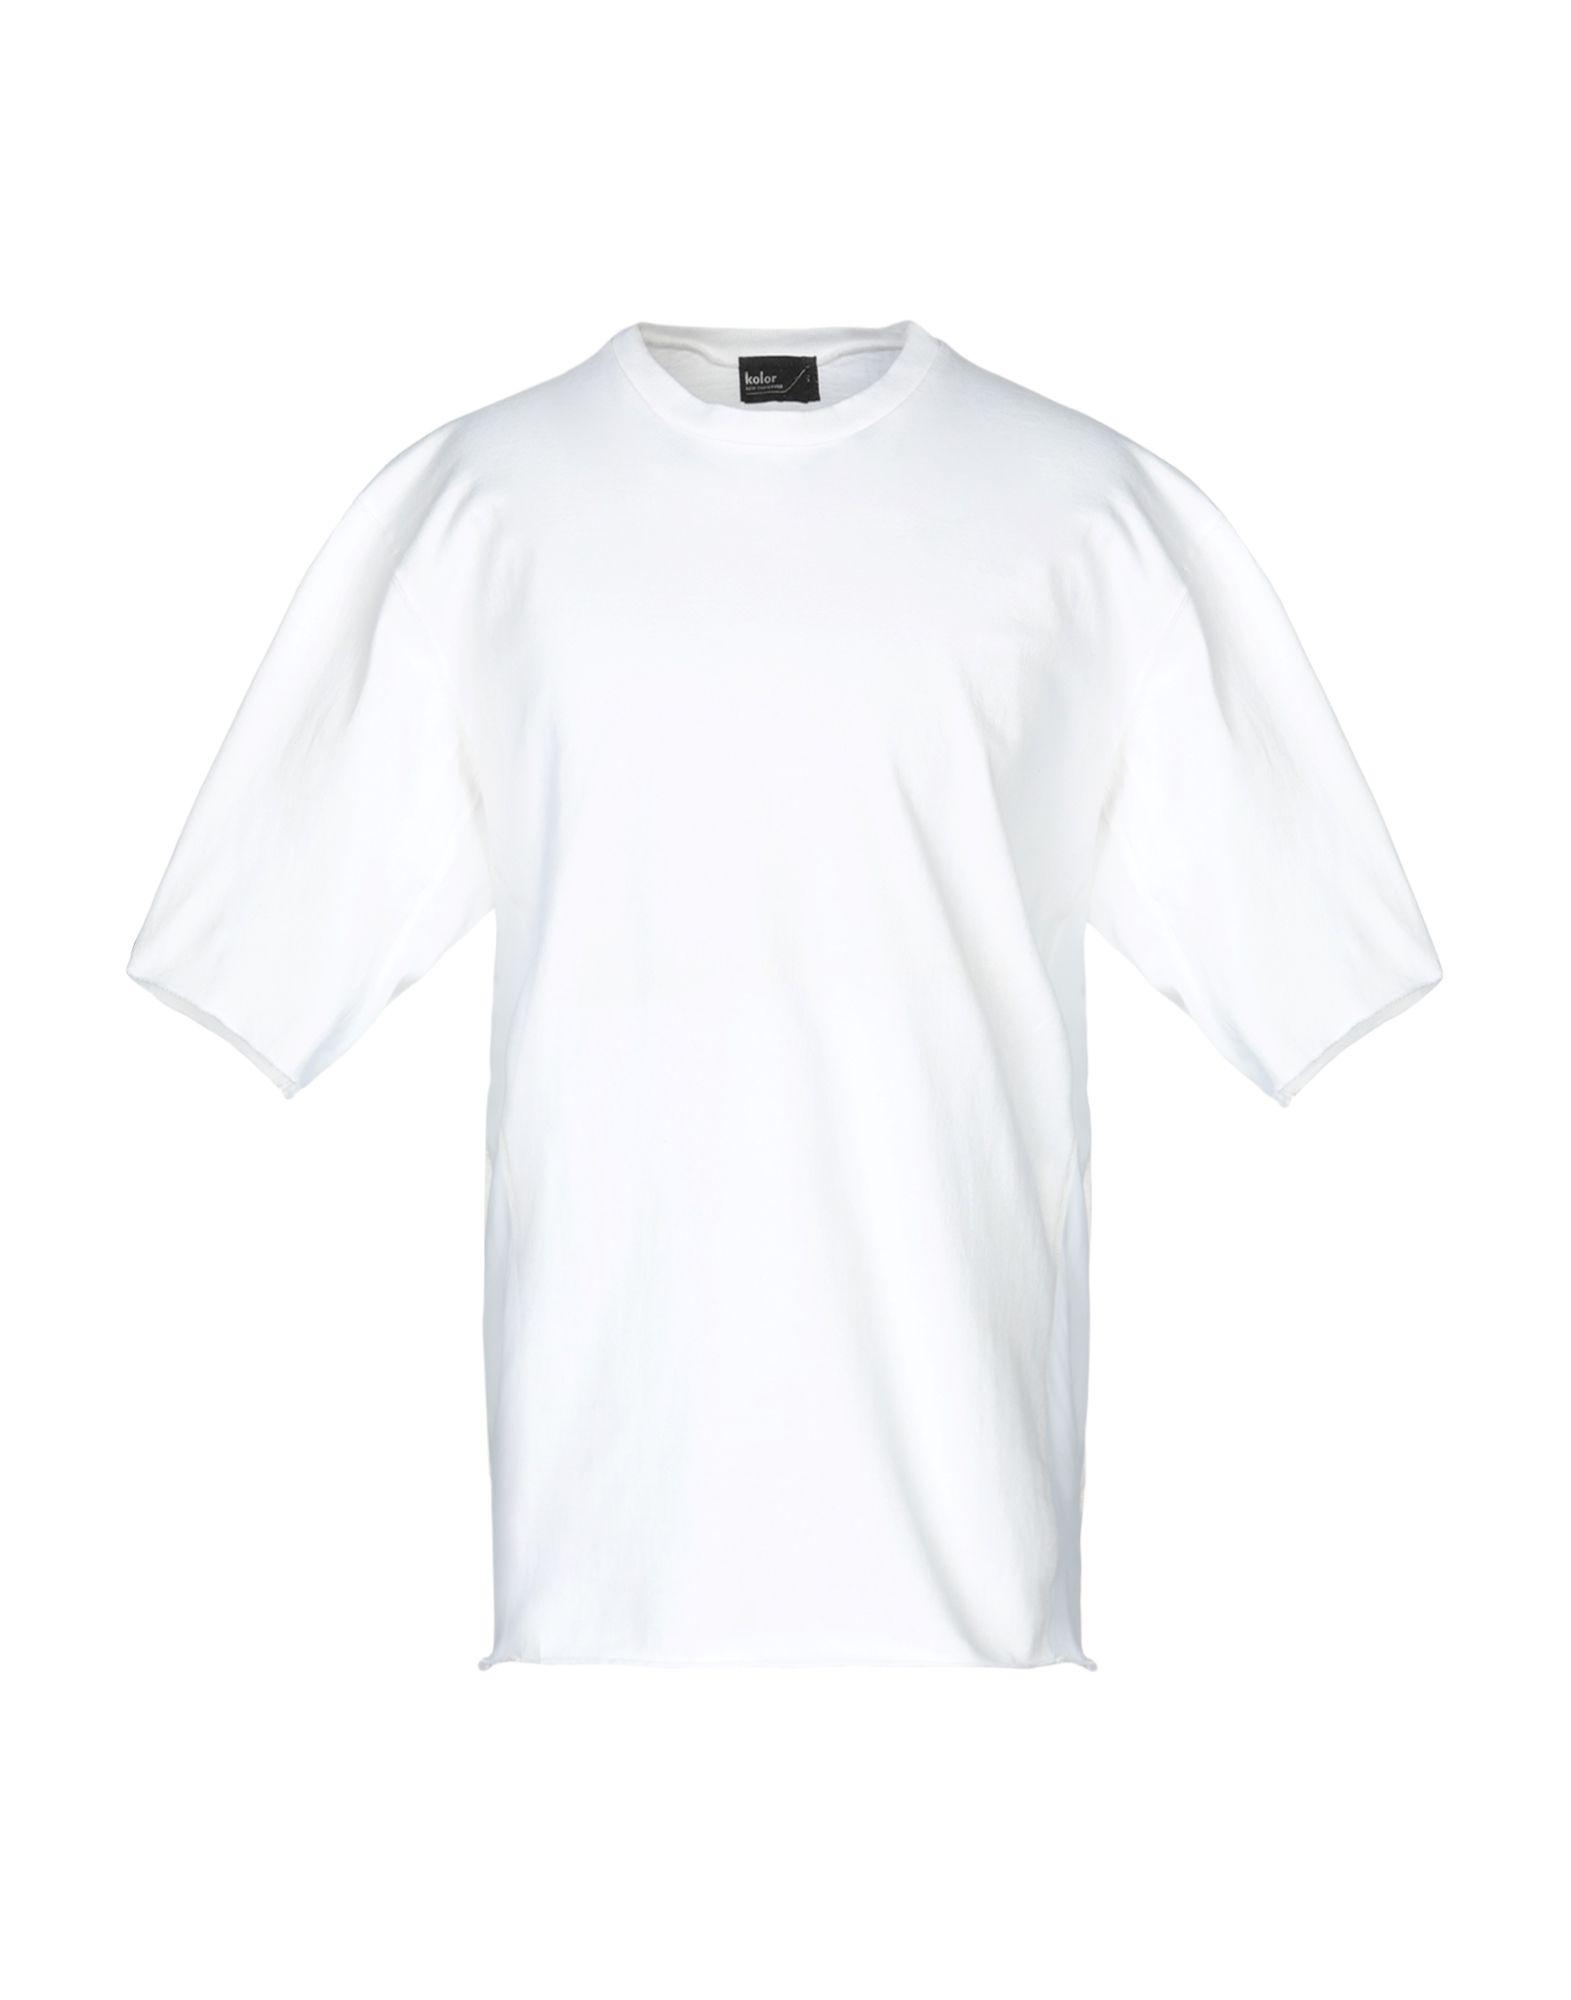 《送料無料》KOLOR メンズ スウェットシャツ ホワイト 3 コットン 100%